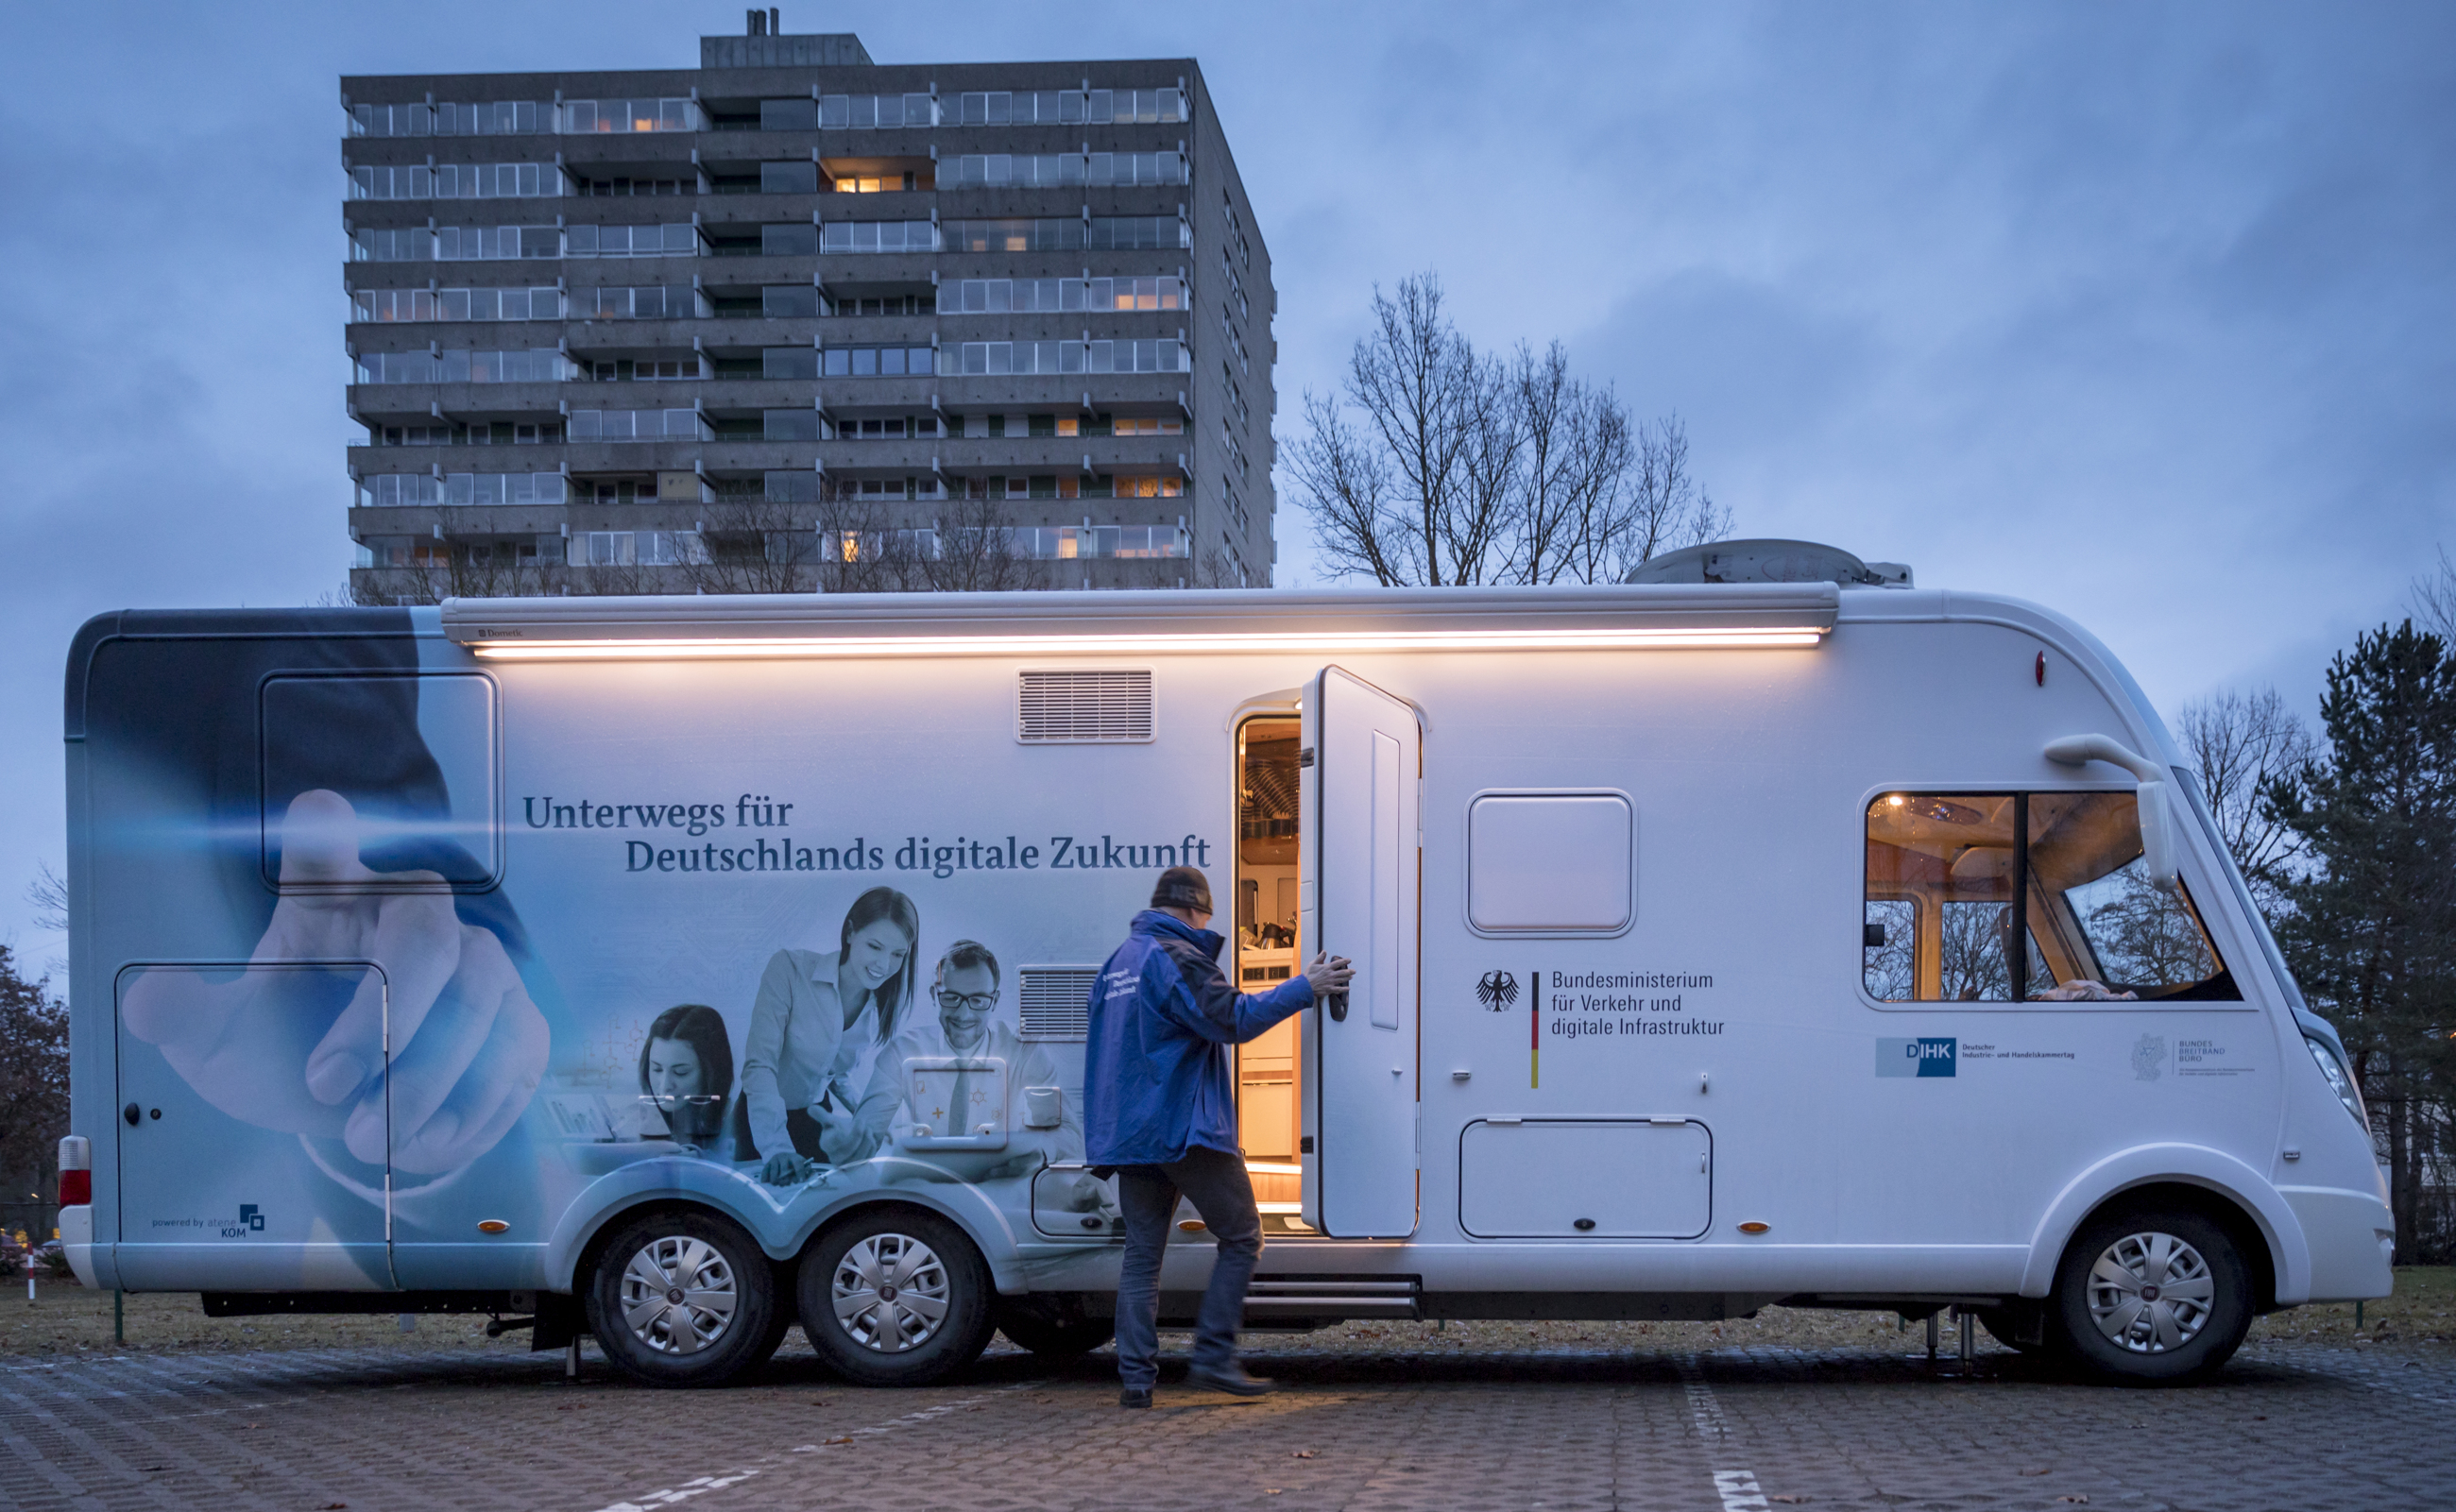 Unterwegs für Deutschlands digitale Zukunft in Augsburg